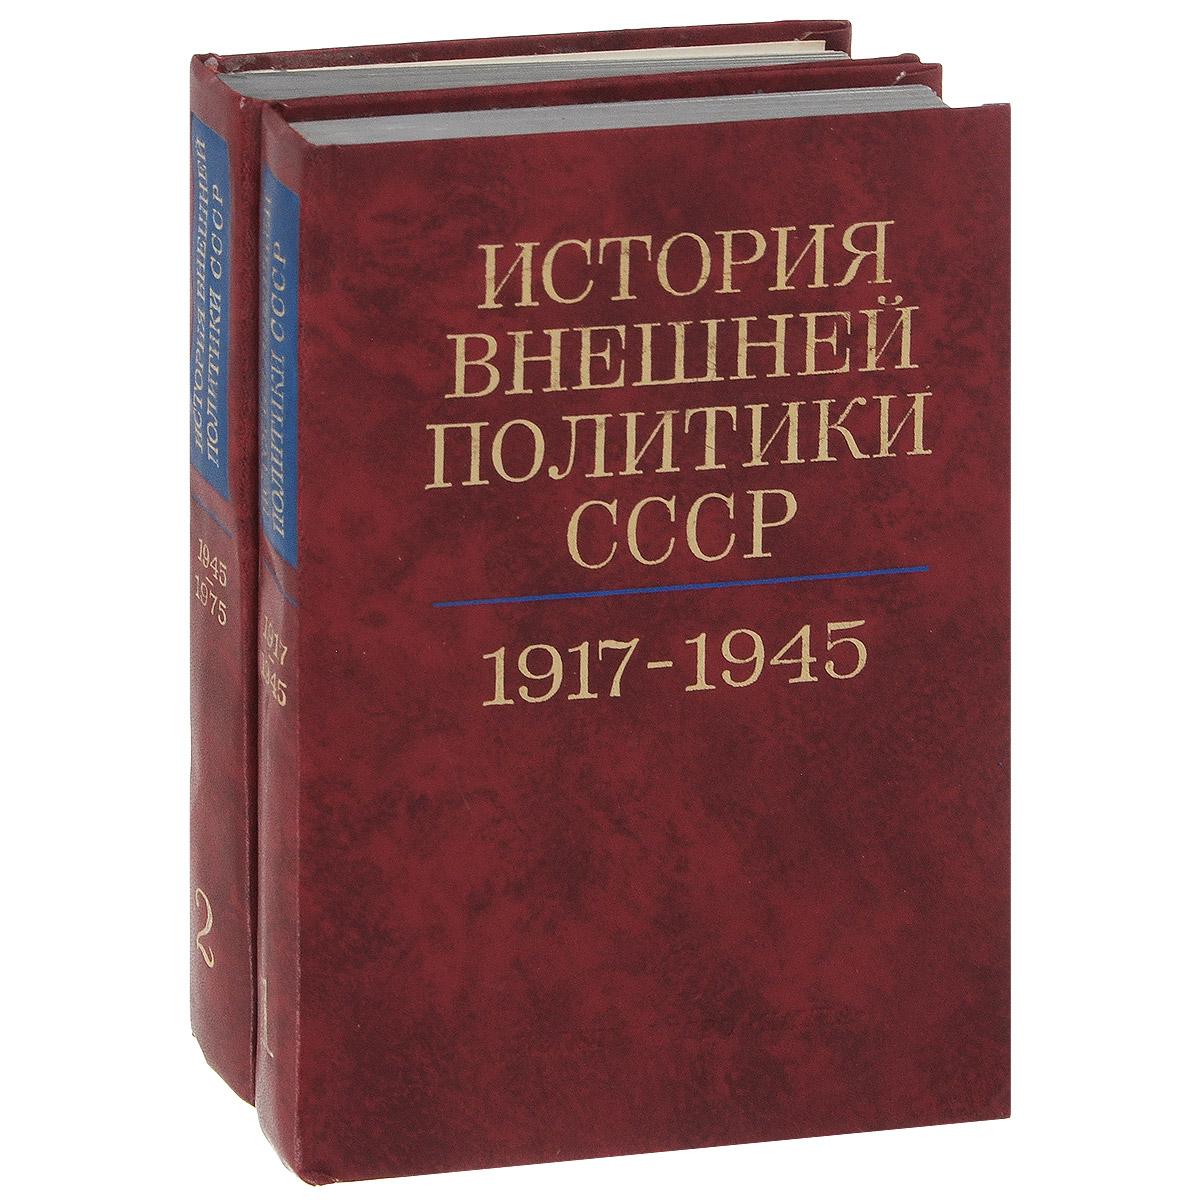 История внешней политики СССР 1917-1975 (комплект из 2 книг)